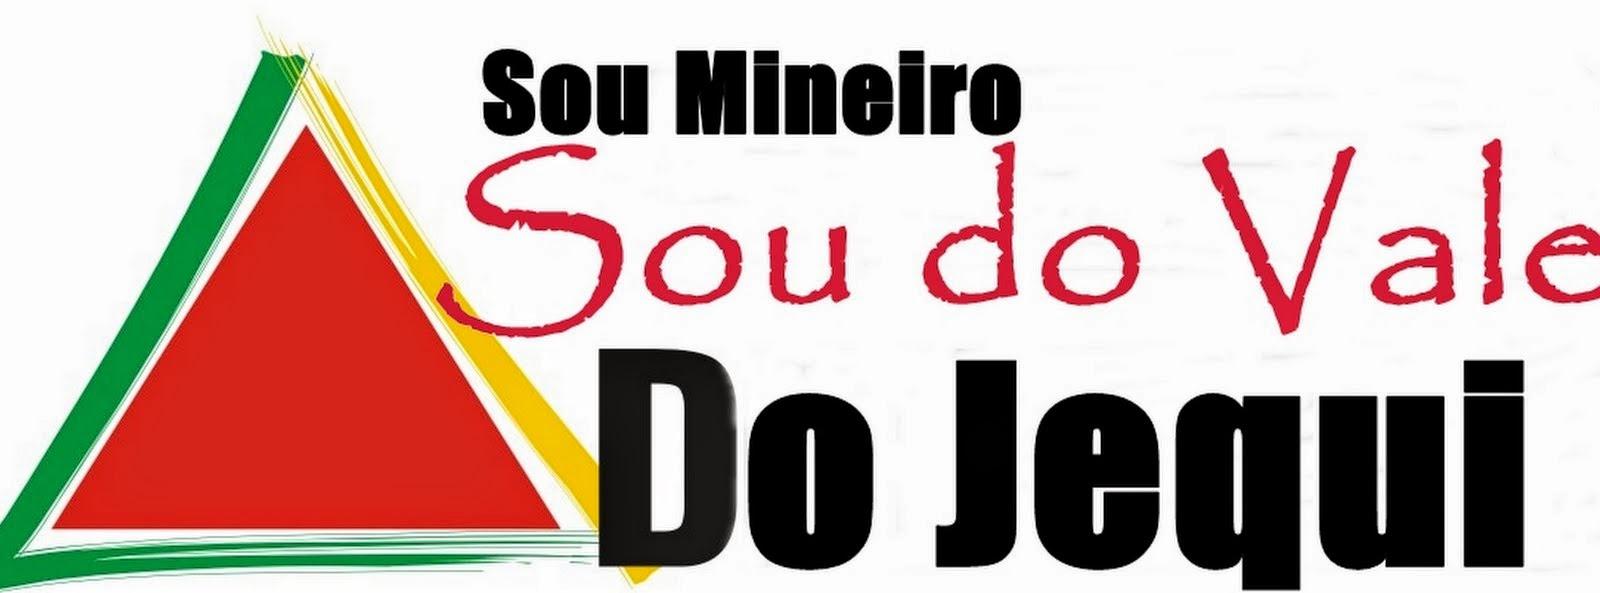 Sou Mineiro, Sou do Vale do Jequi